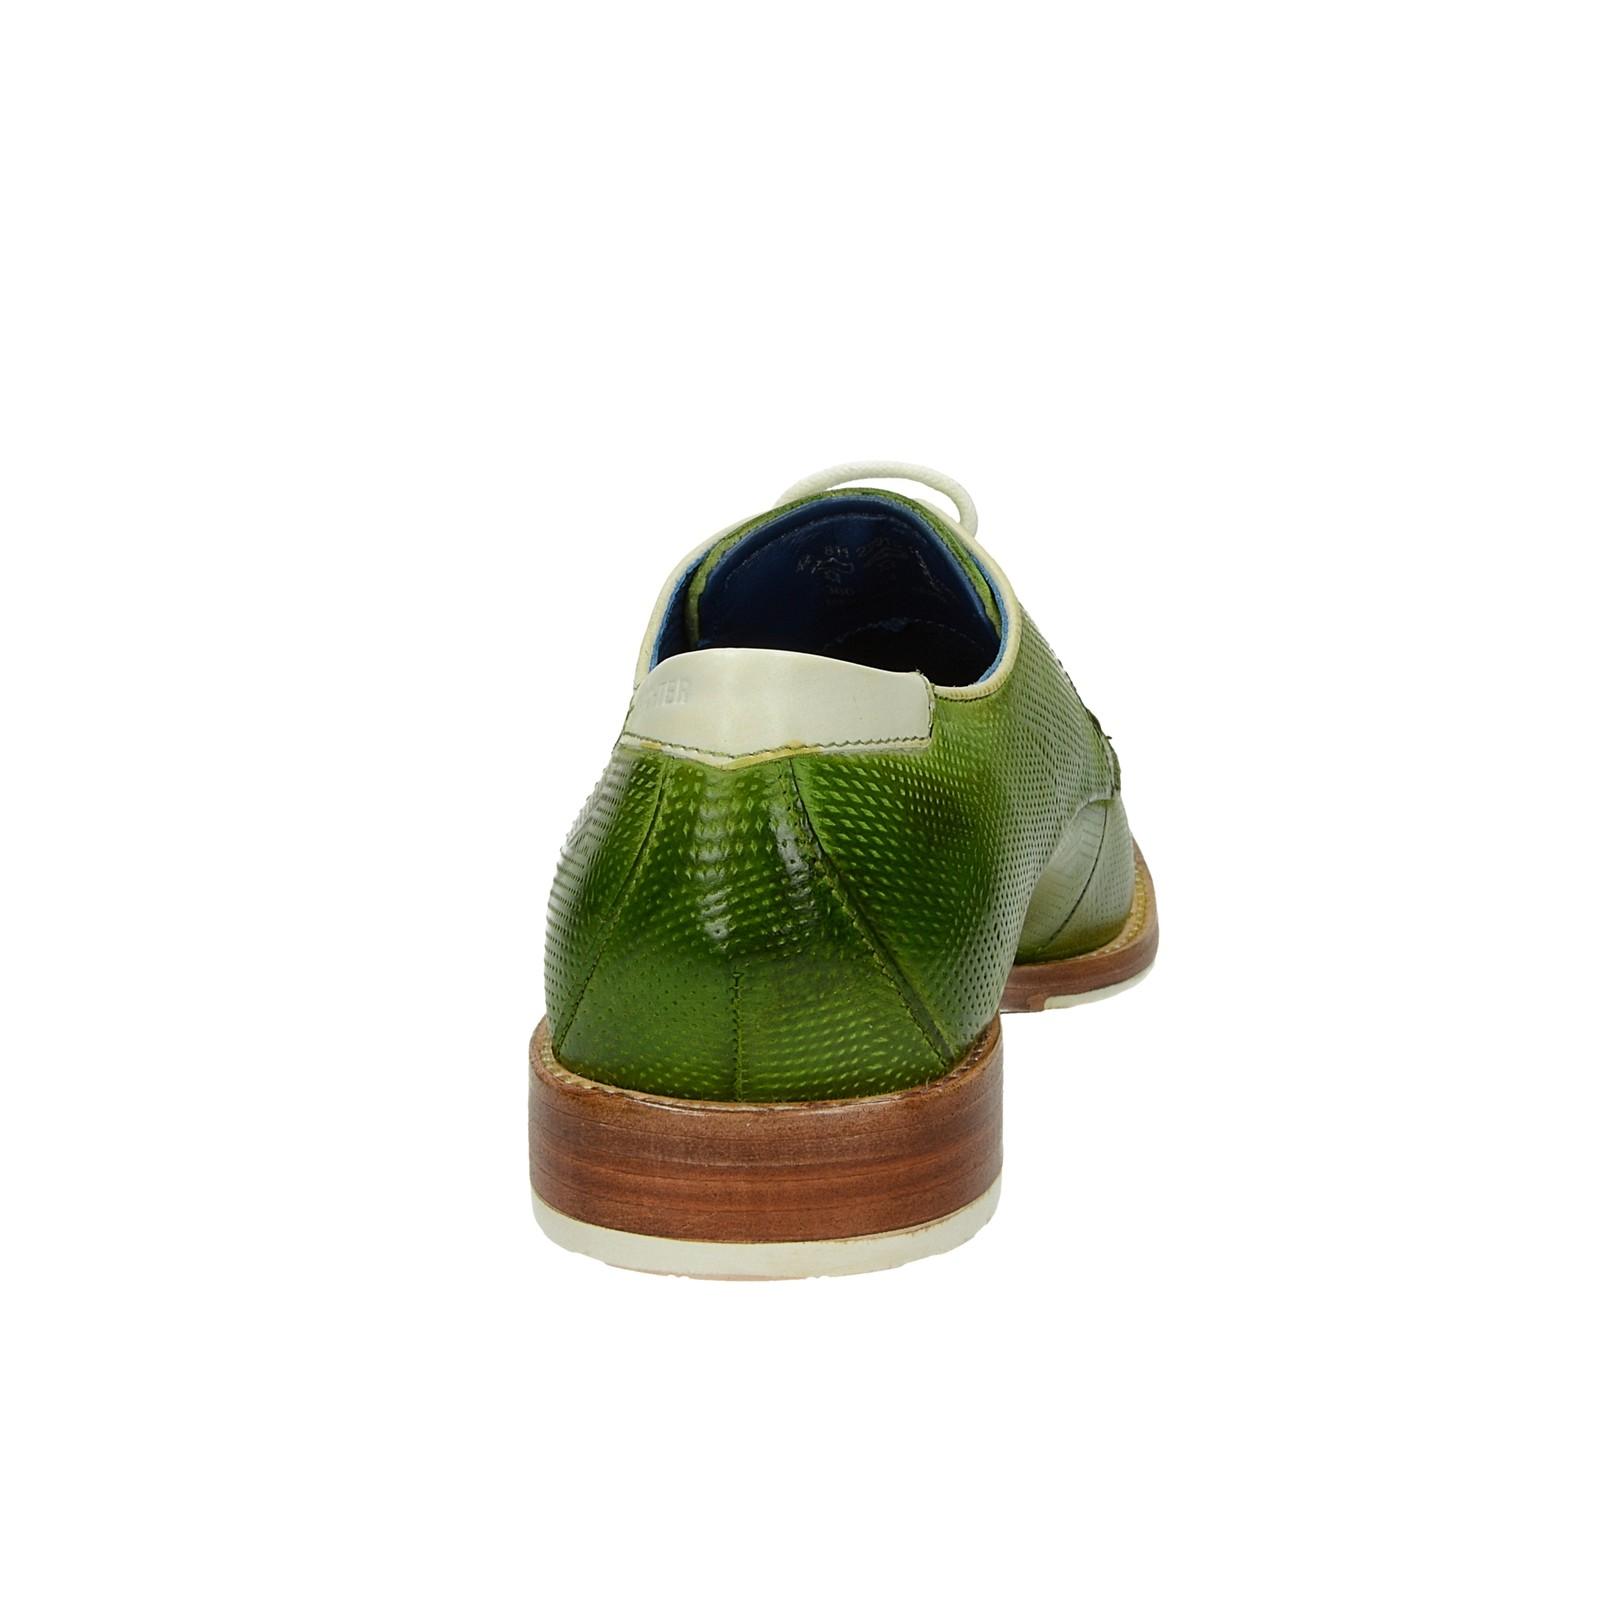 4b74f83ccf11 ... Daniel Hechter pánske kožené štýlové topánky - zelené ...